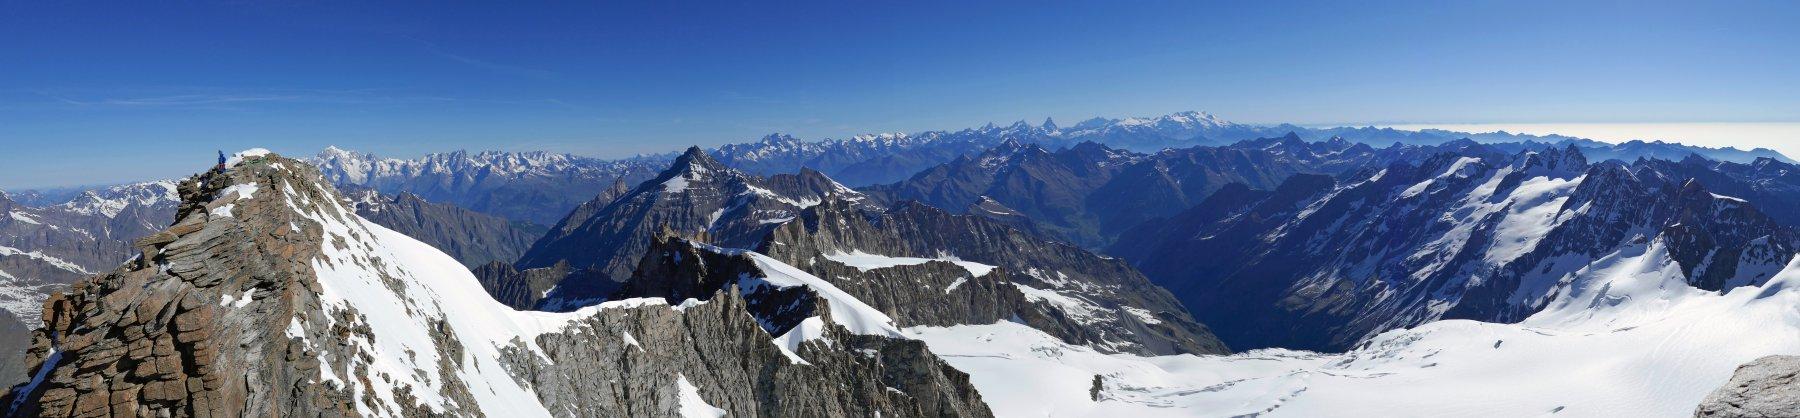 Panoramica dalla cima, dal Bianco al monte Rosa...